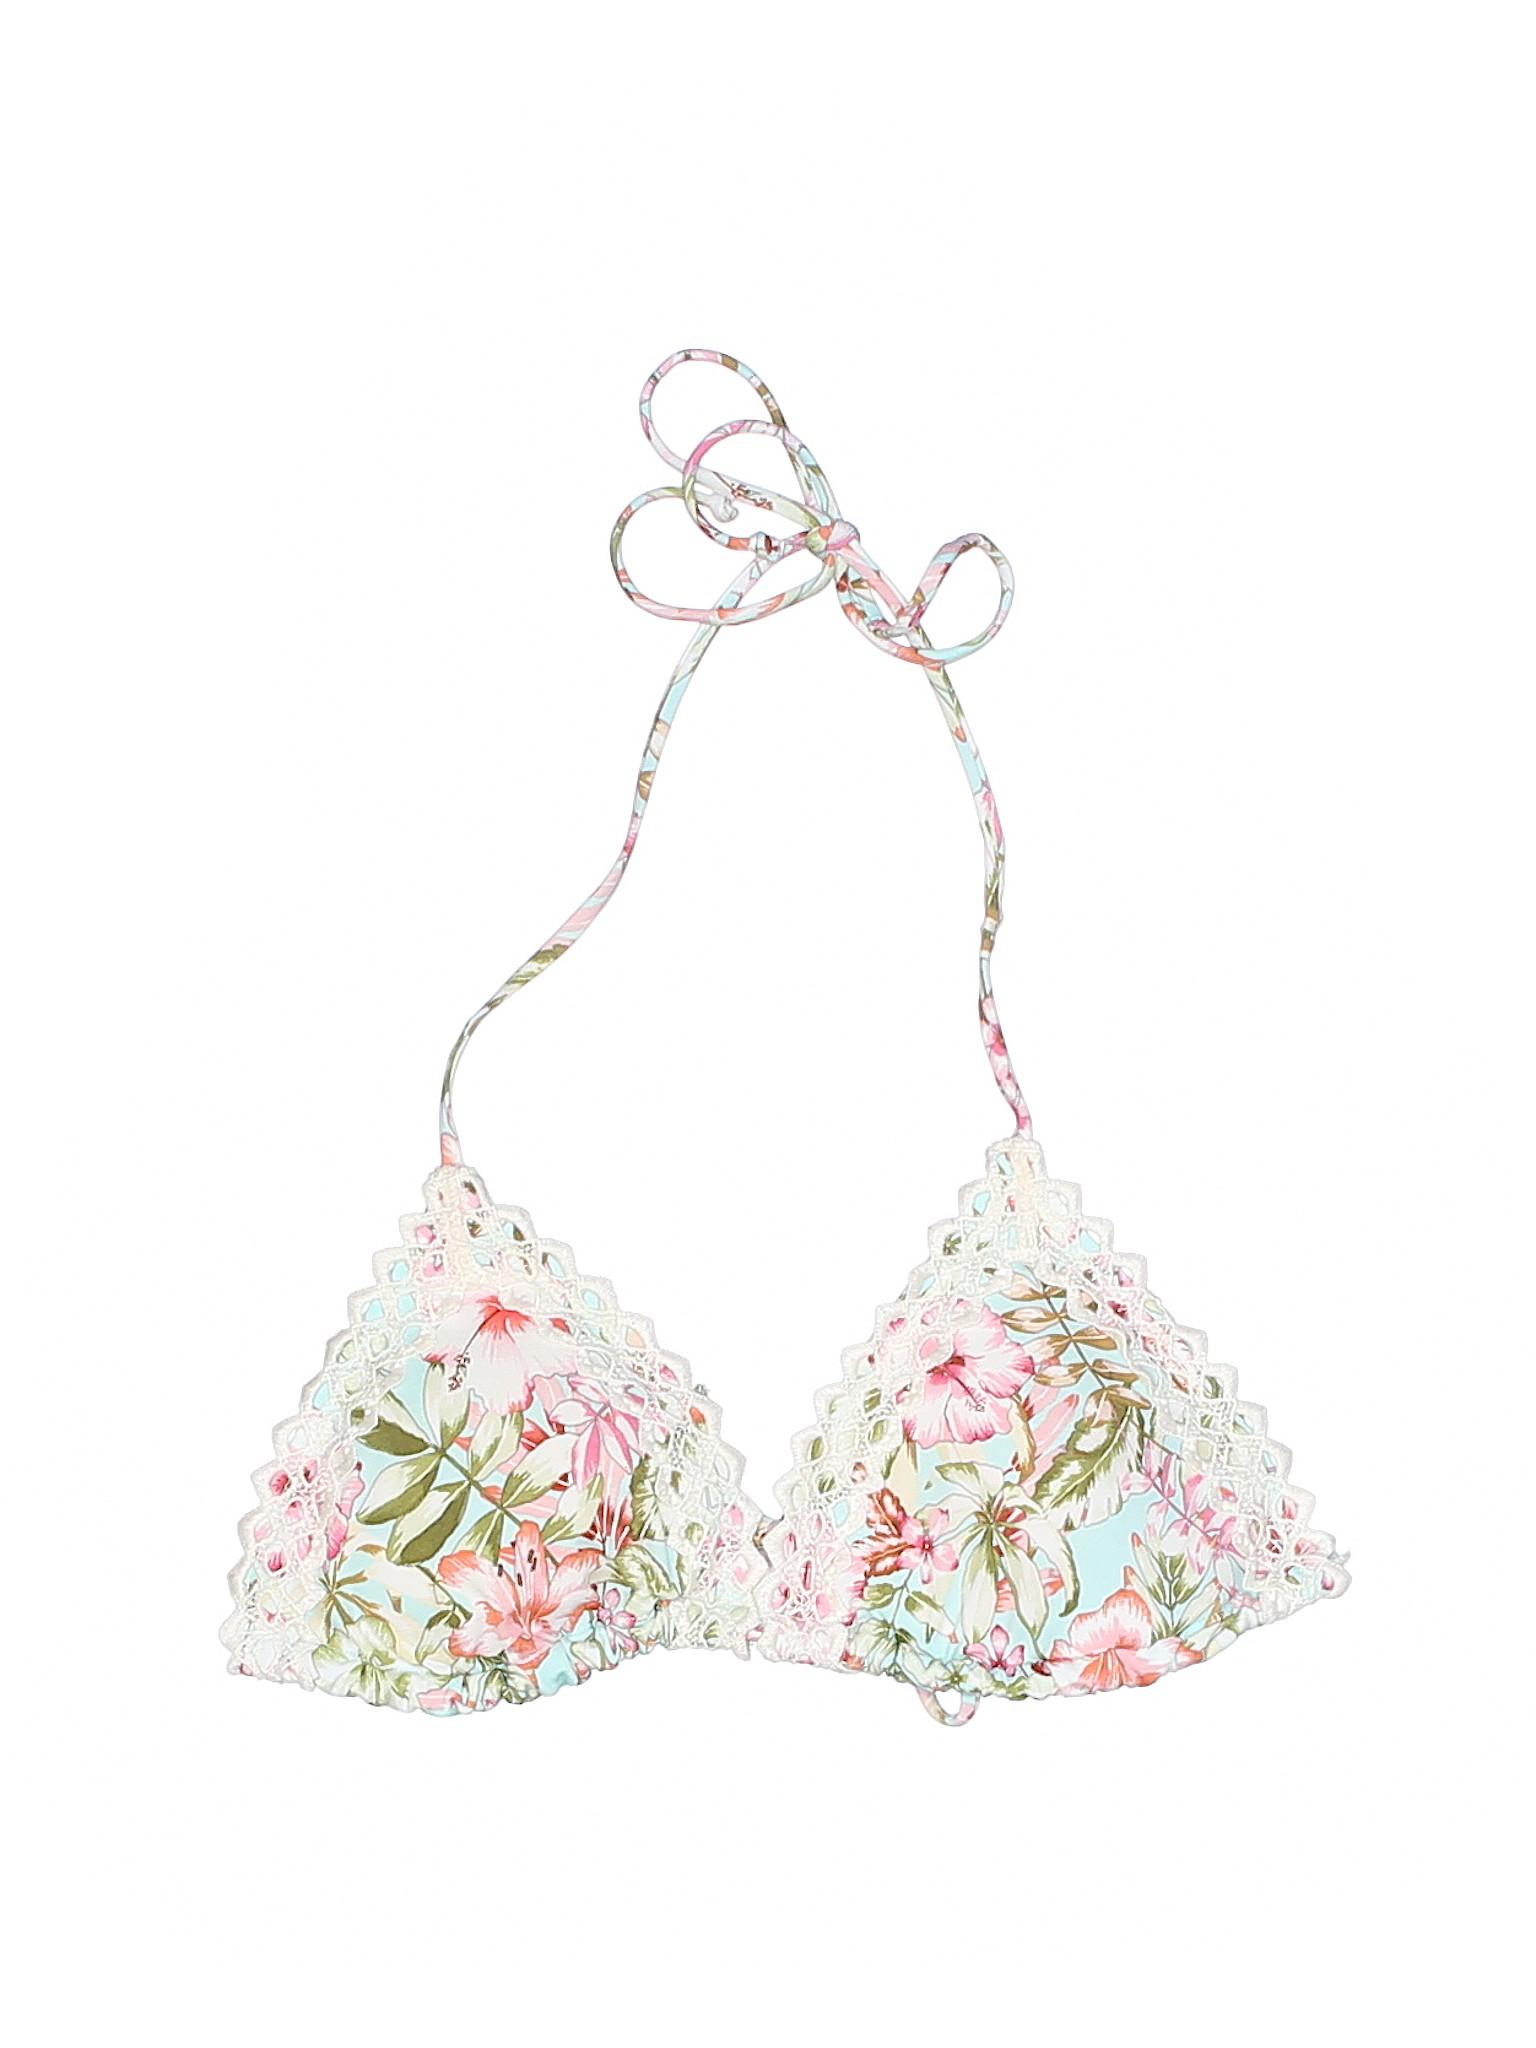 H amp;M Boutique Swimsuit amp;M amp;M H Swimsuit Boutique Top Top H Boutique Swimsuit qt6wzE